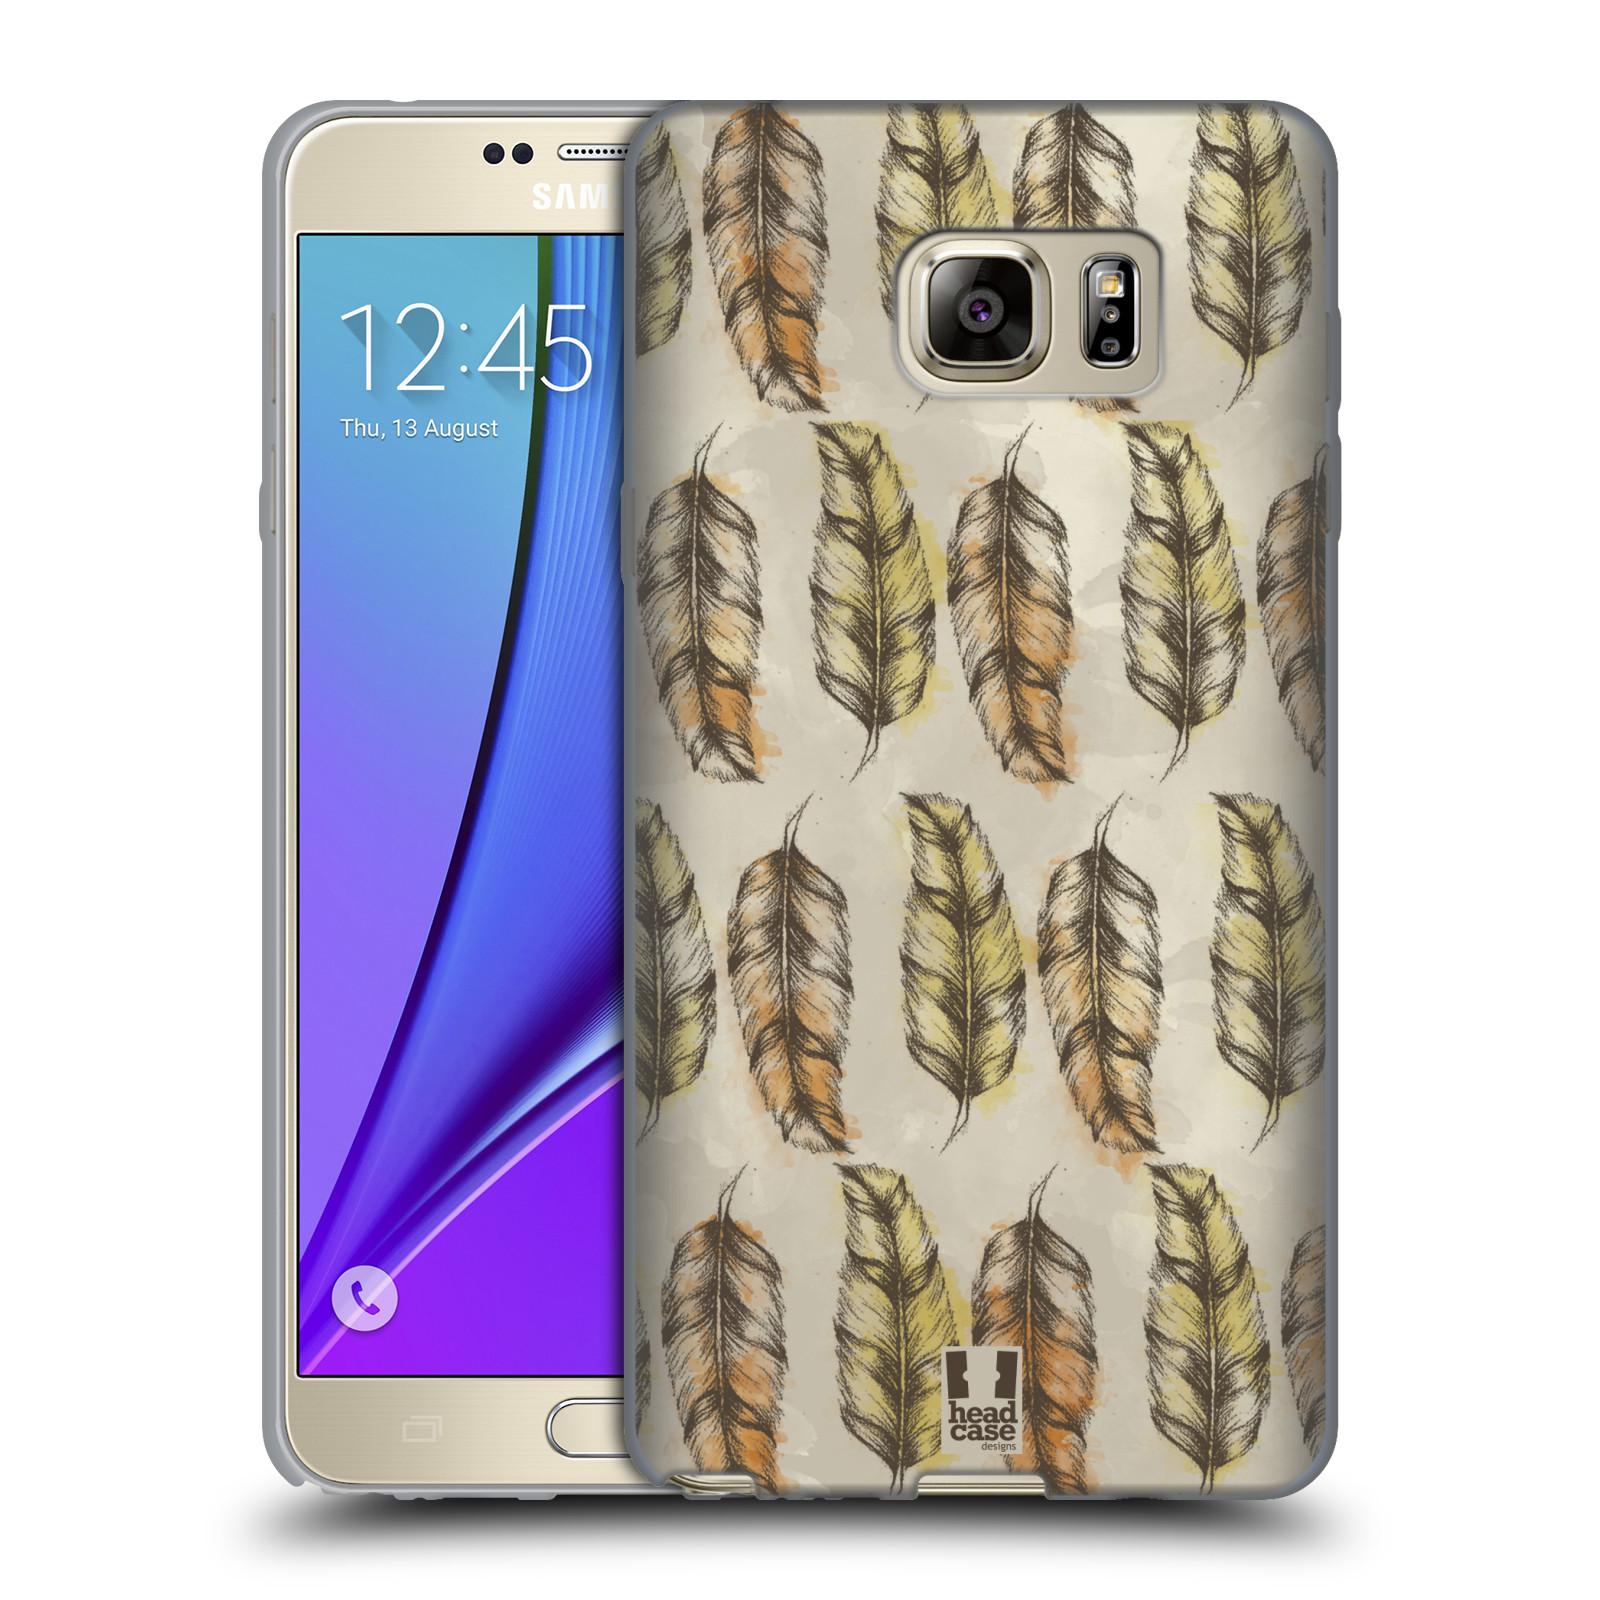 Silikonové pouzdro na mobil Samsung Galaxy Note 5 - Head Case - Bohémská pírka (Silikonový kryt či obal na mobilní telefon s motivem Bohemian Soul pro Samsung Galaxy Note 5 SM-N920)